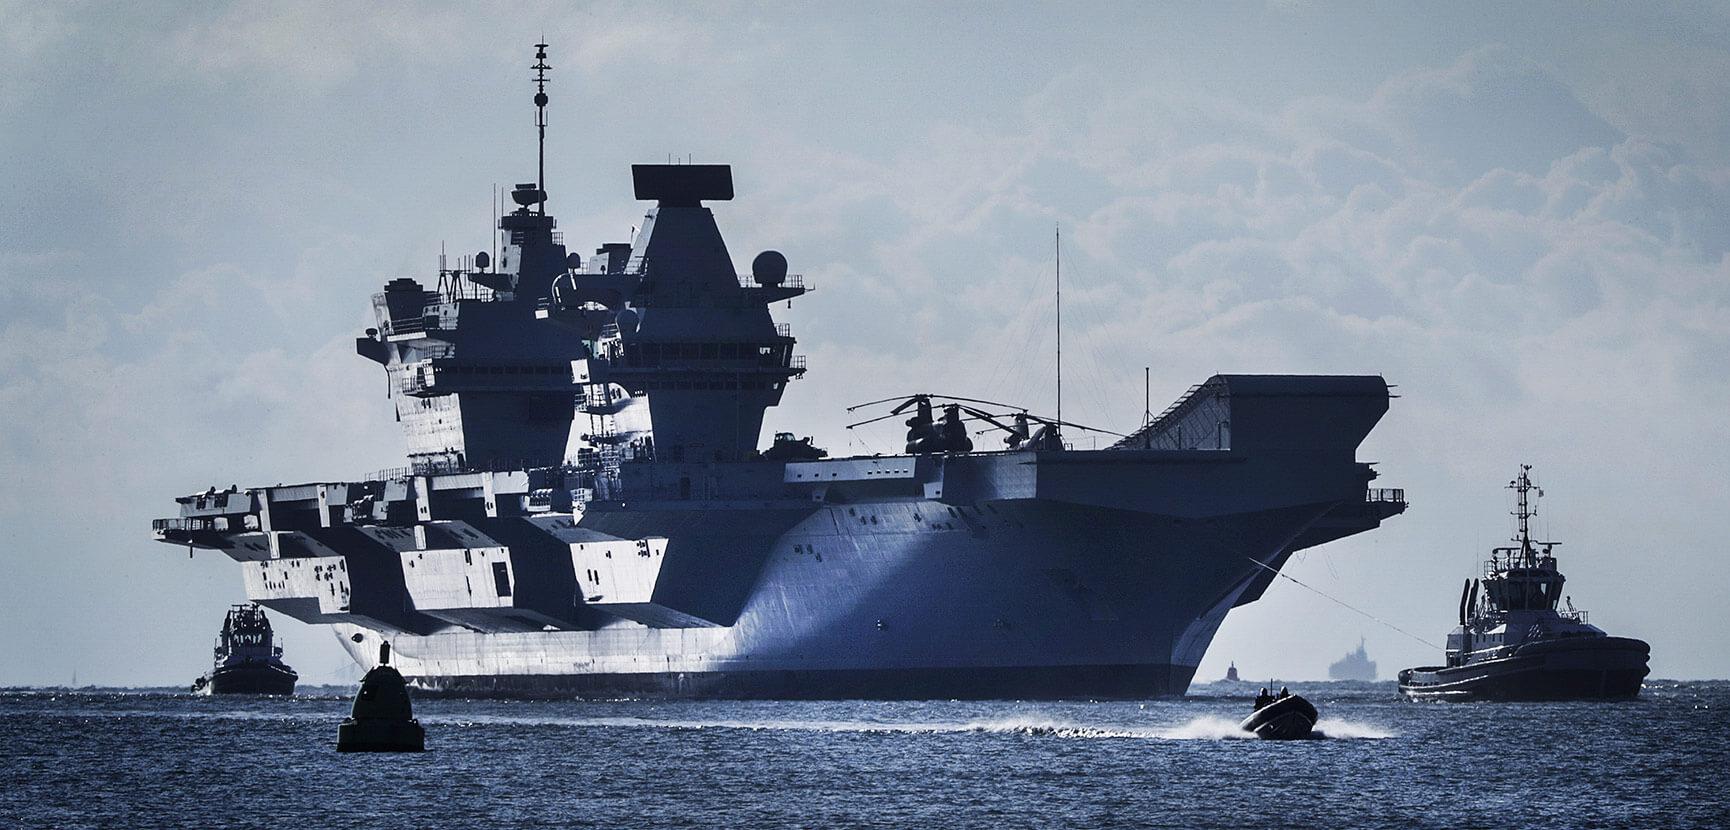 HMS Trenchant in Arctic